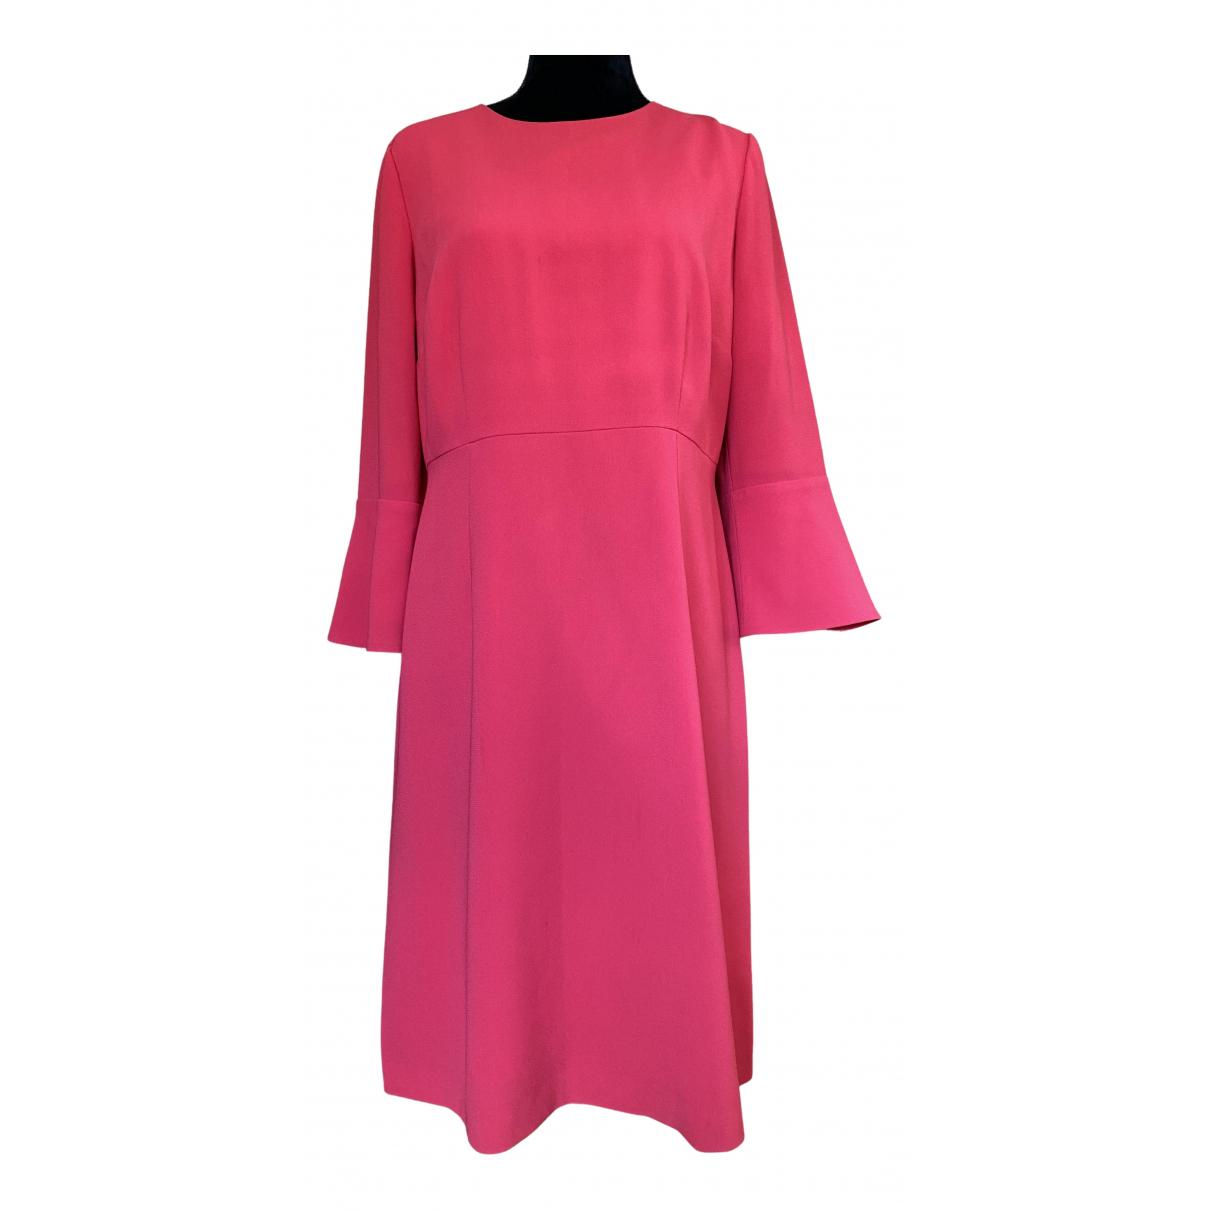 Hobbs - Robe   pour femme - rose